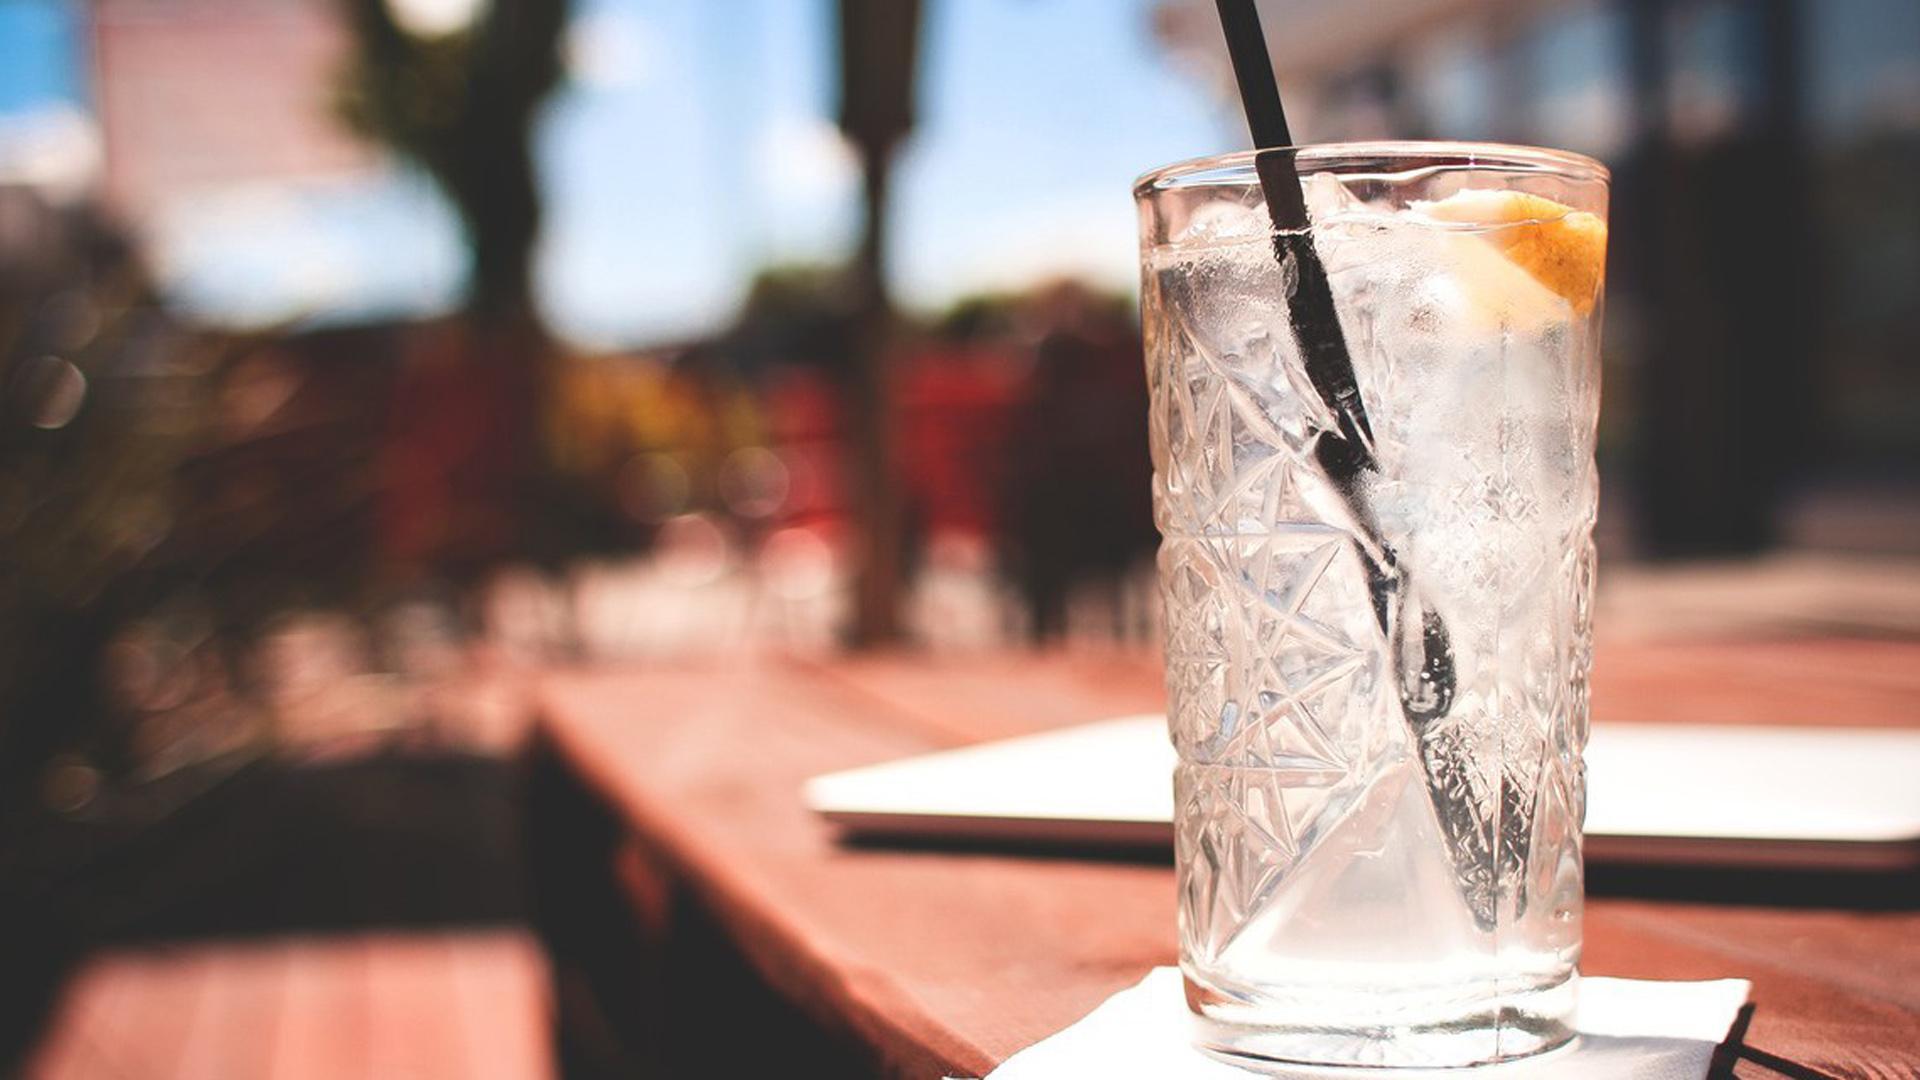 Suministros de hosteler a en madrid centro glass service for Suministros de hosteleria